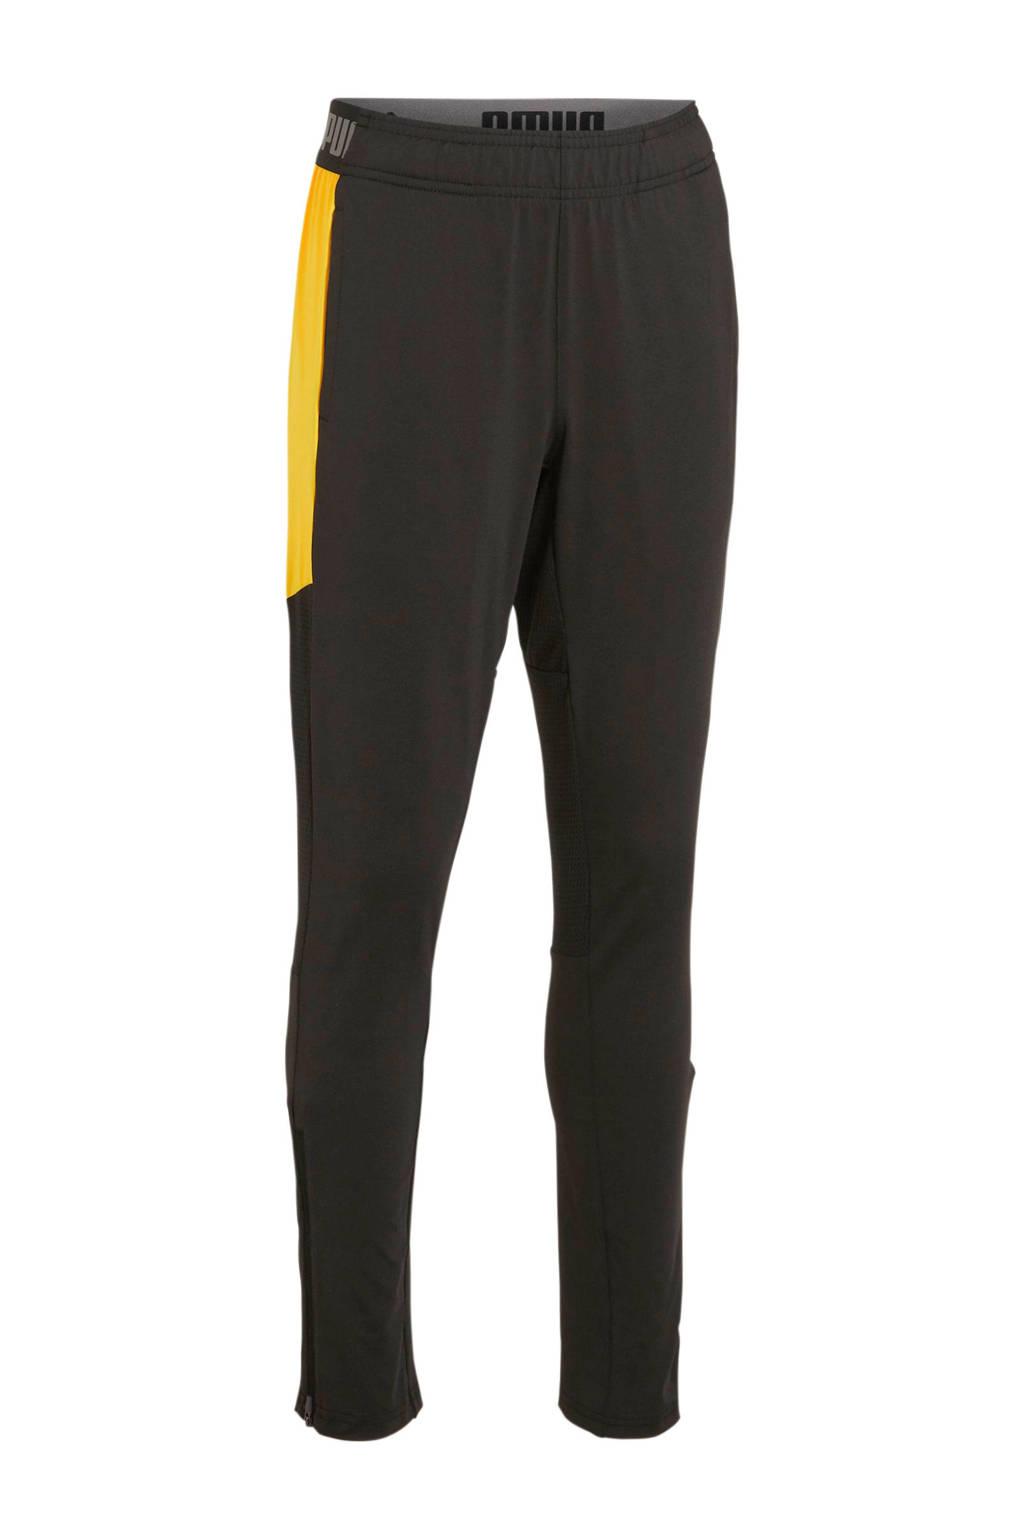 Puma Junior  voetbalbroek zwart/geel, Zwart/geel